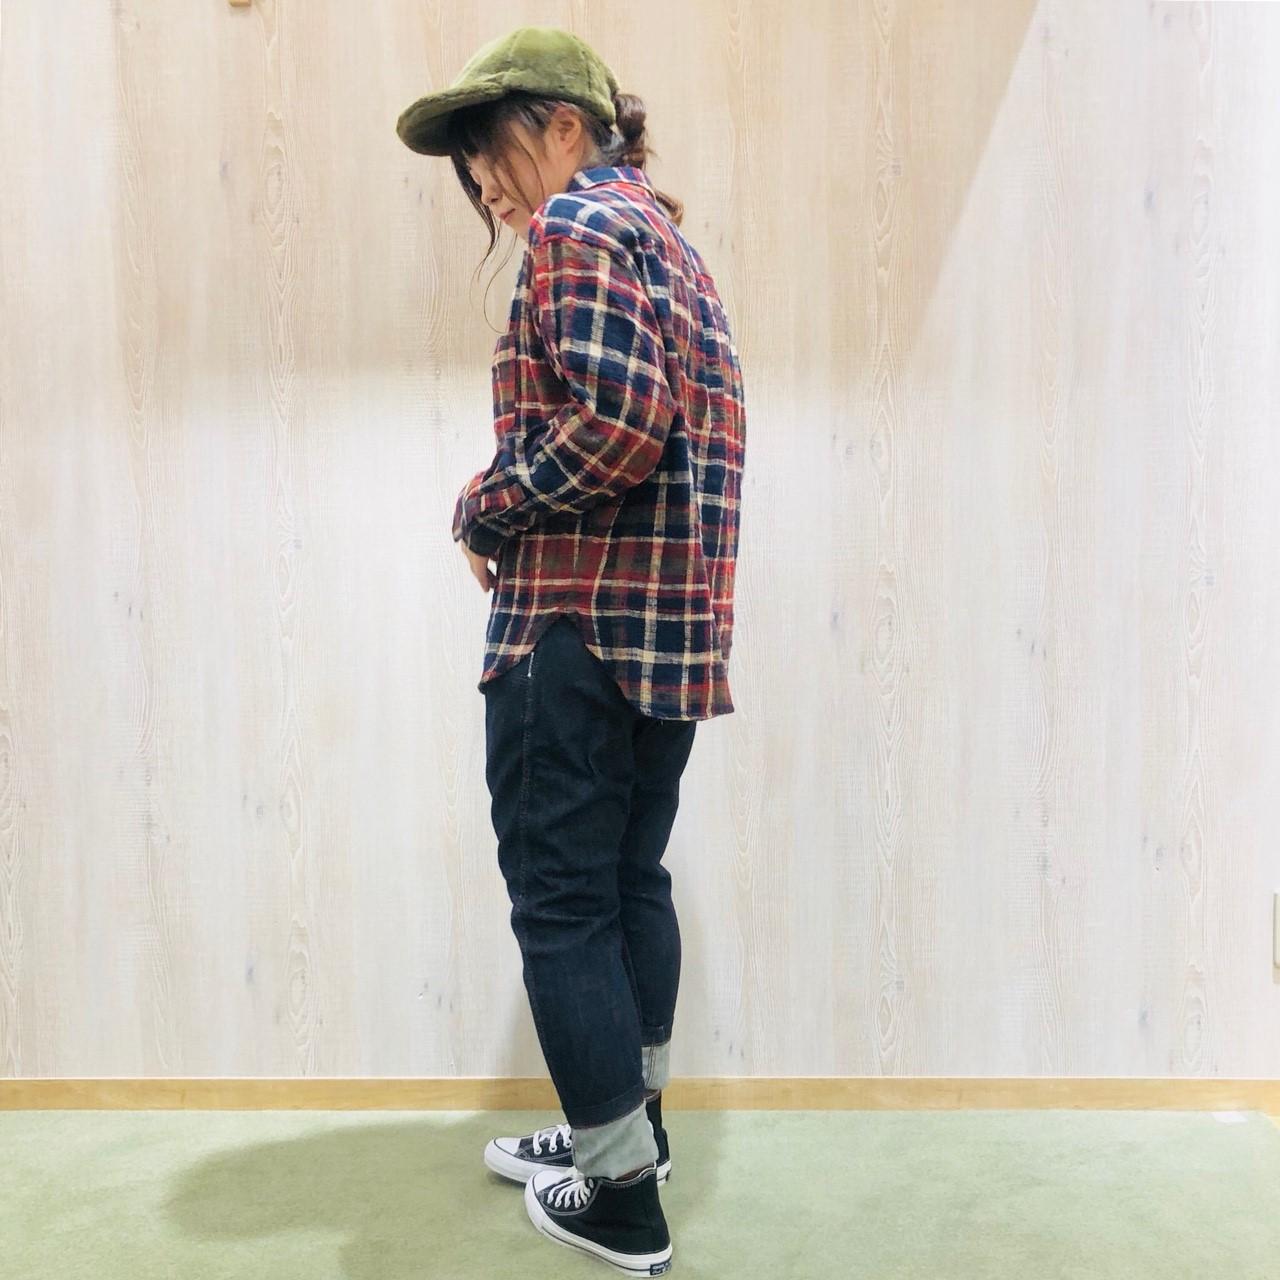 20181030田中ブログ_181030_0020_0